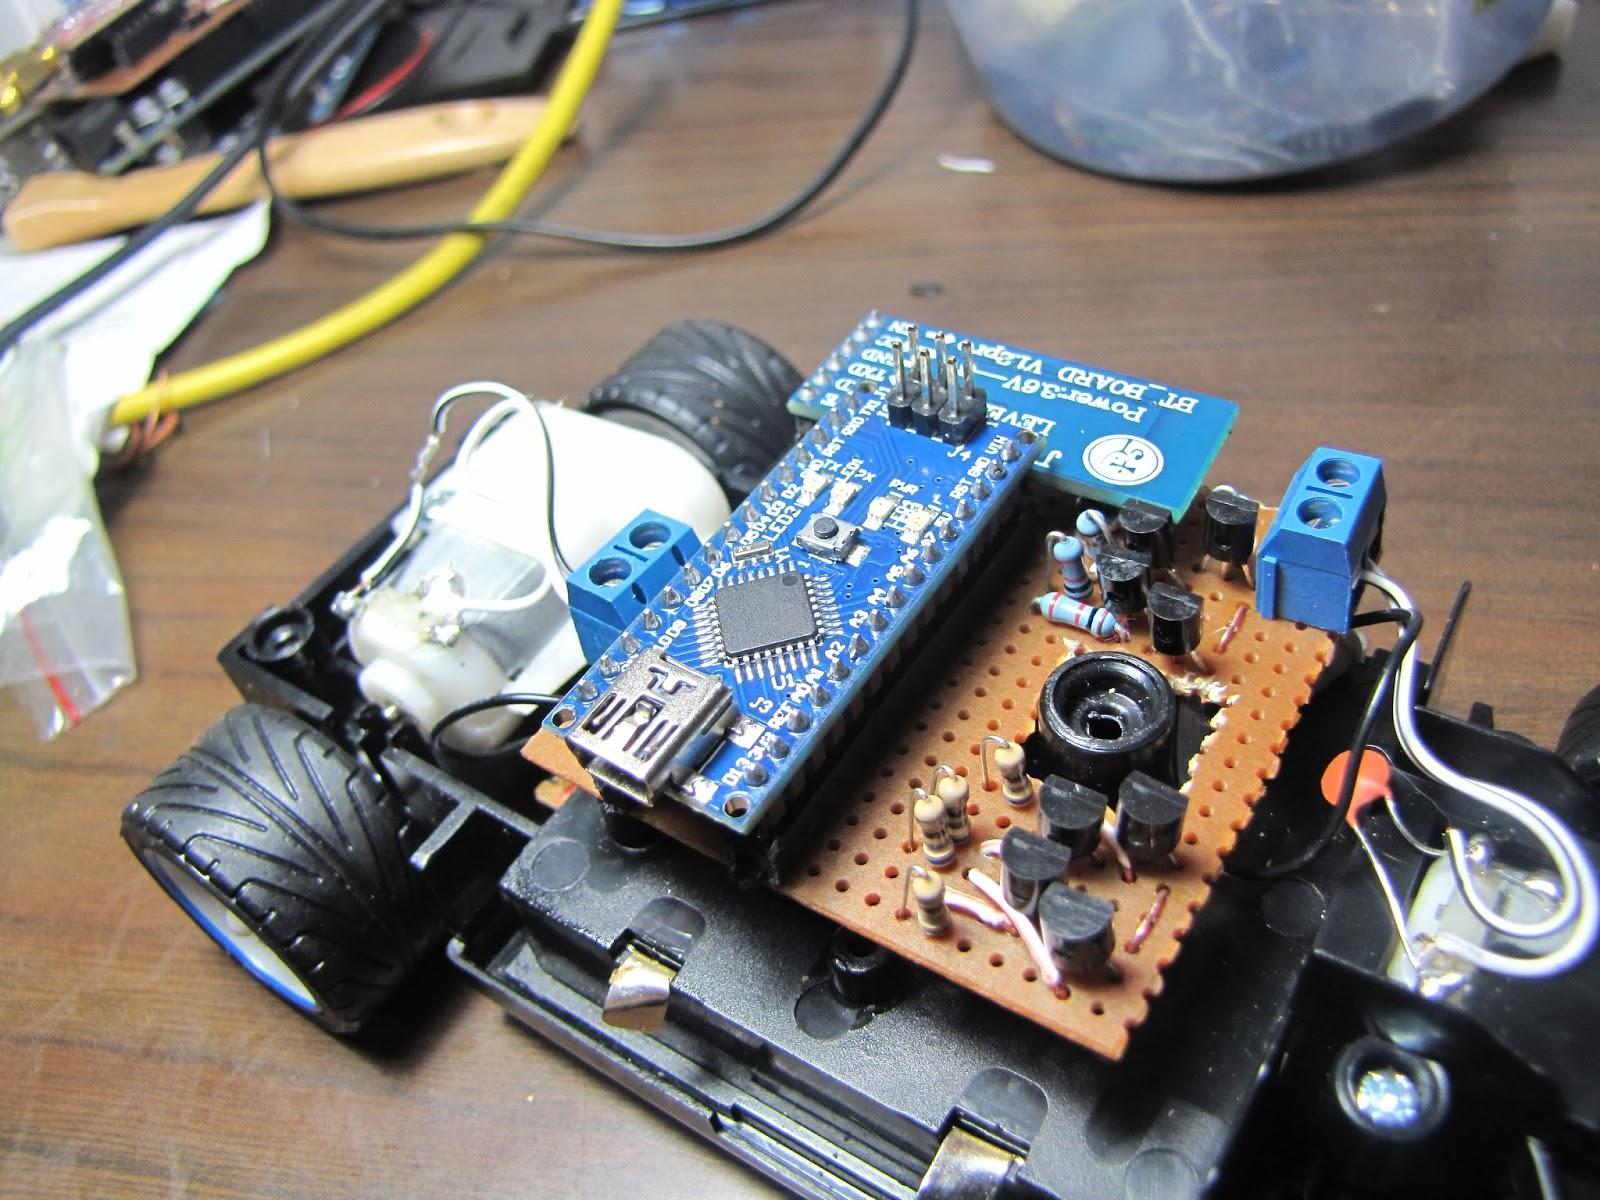 Circuito Bluetooth Casero : Controlando arduino vía bluetooth desde android pt.1 código tips